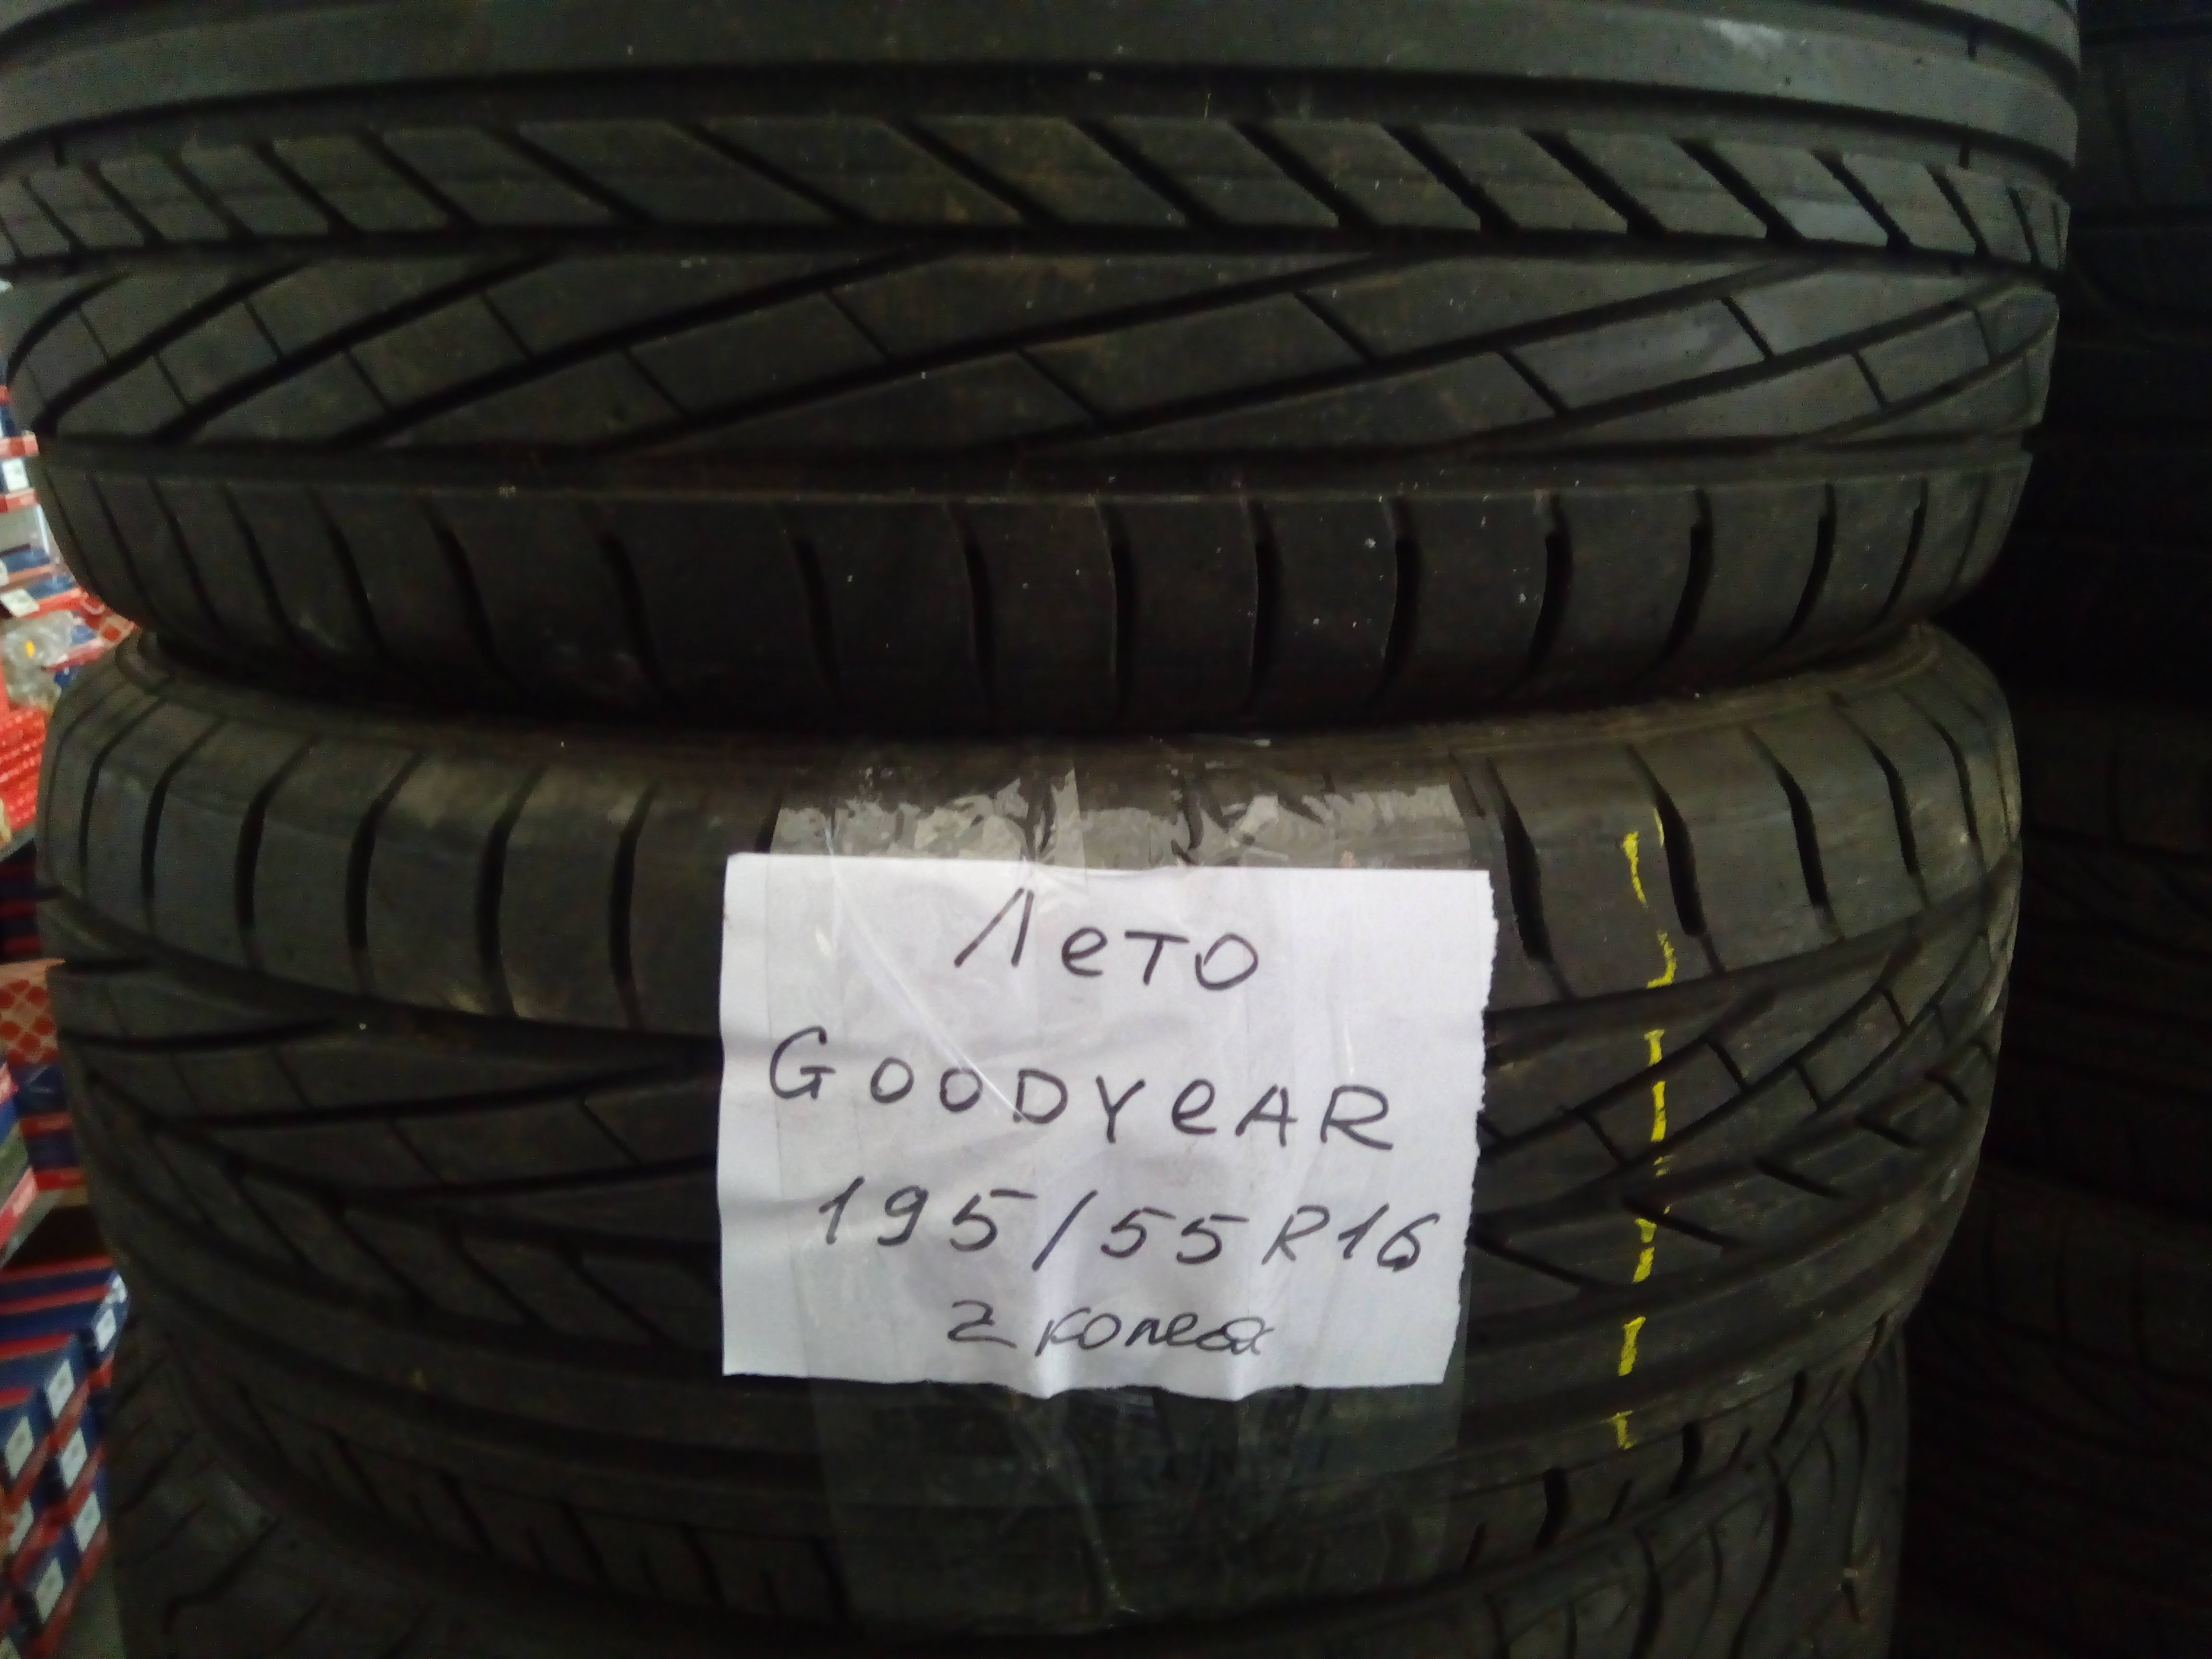 Goodyear 195/55 r16 2 шт лето колеса бу Киев